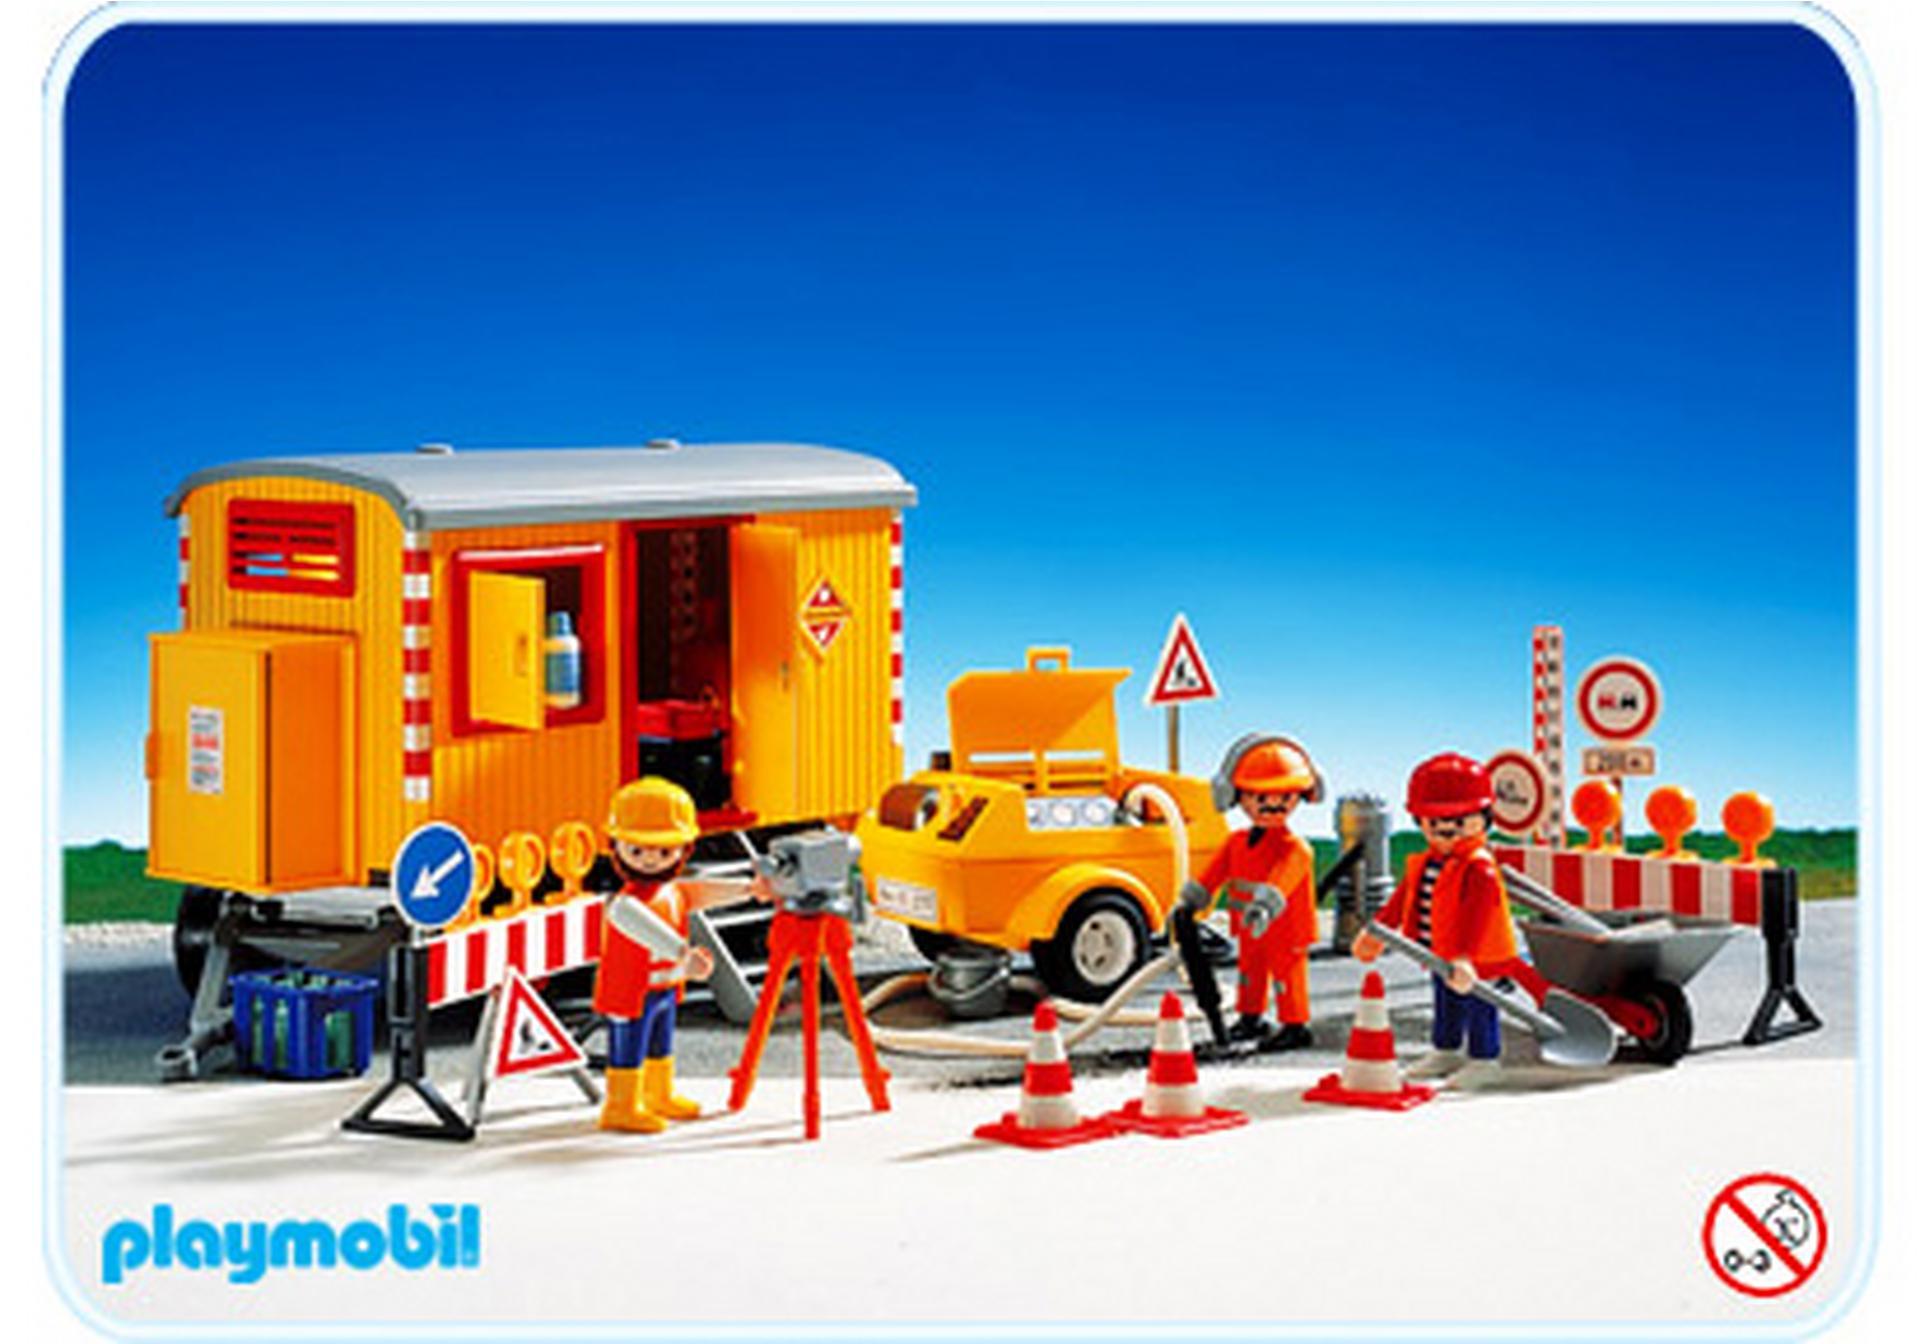 Bauwagen kompressor 3777 a playmobil deutschland for Jugendzimmer playmobil